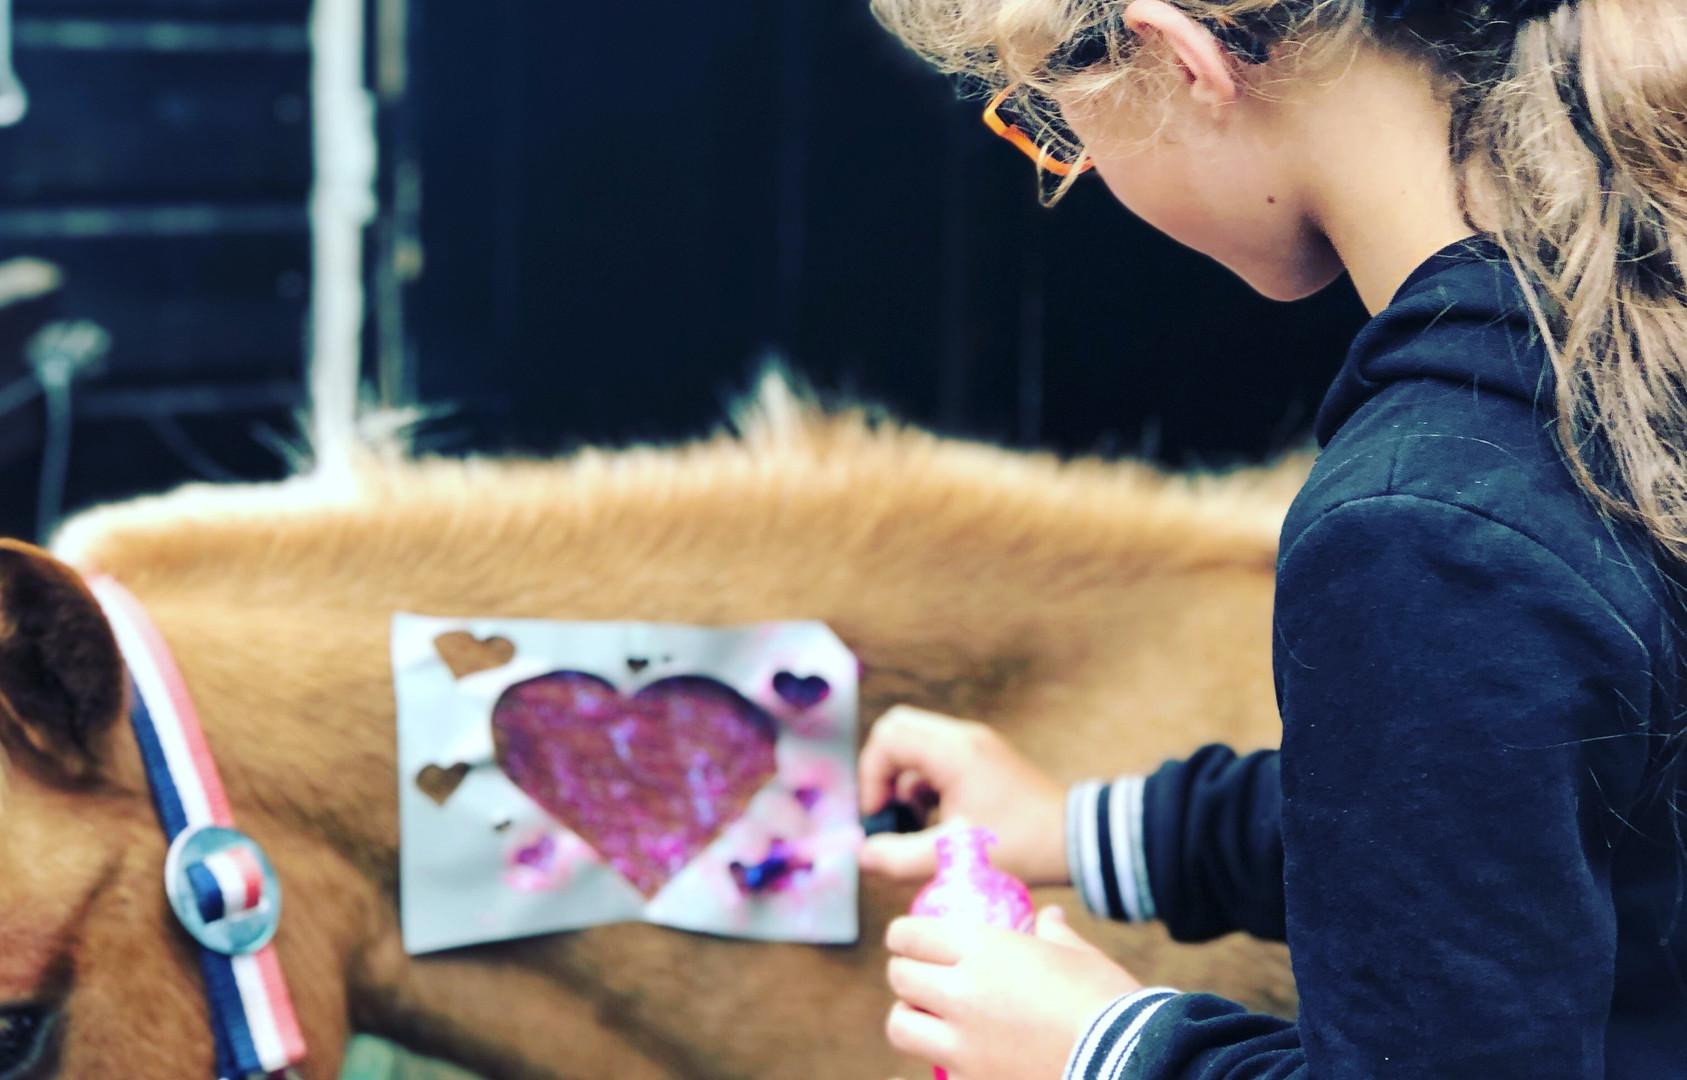 Wat betekend liefde voor jouw?